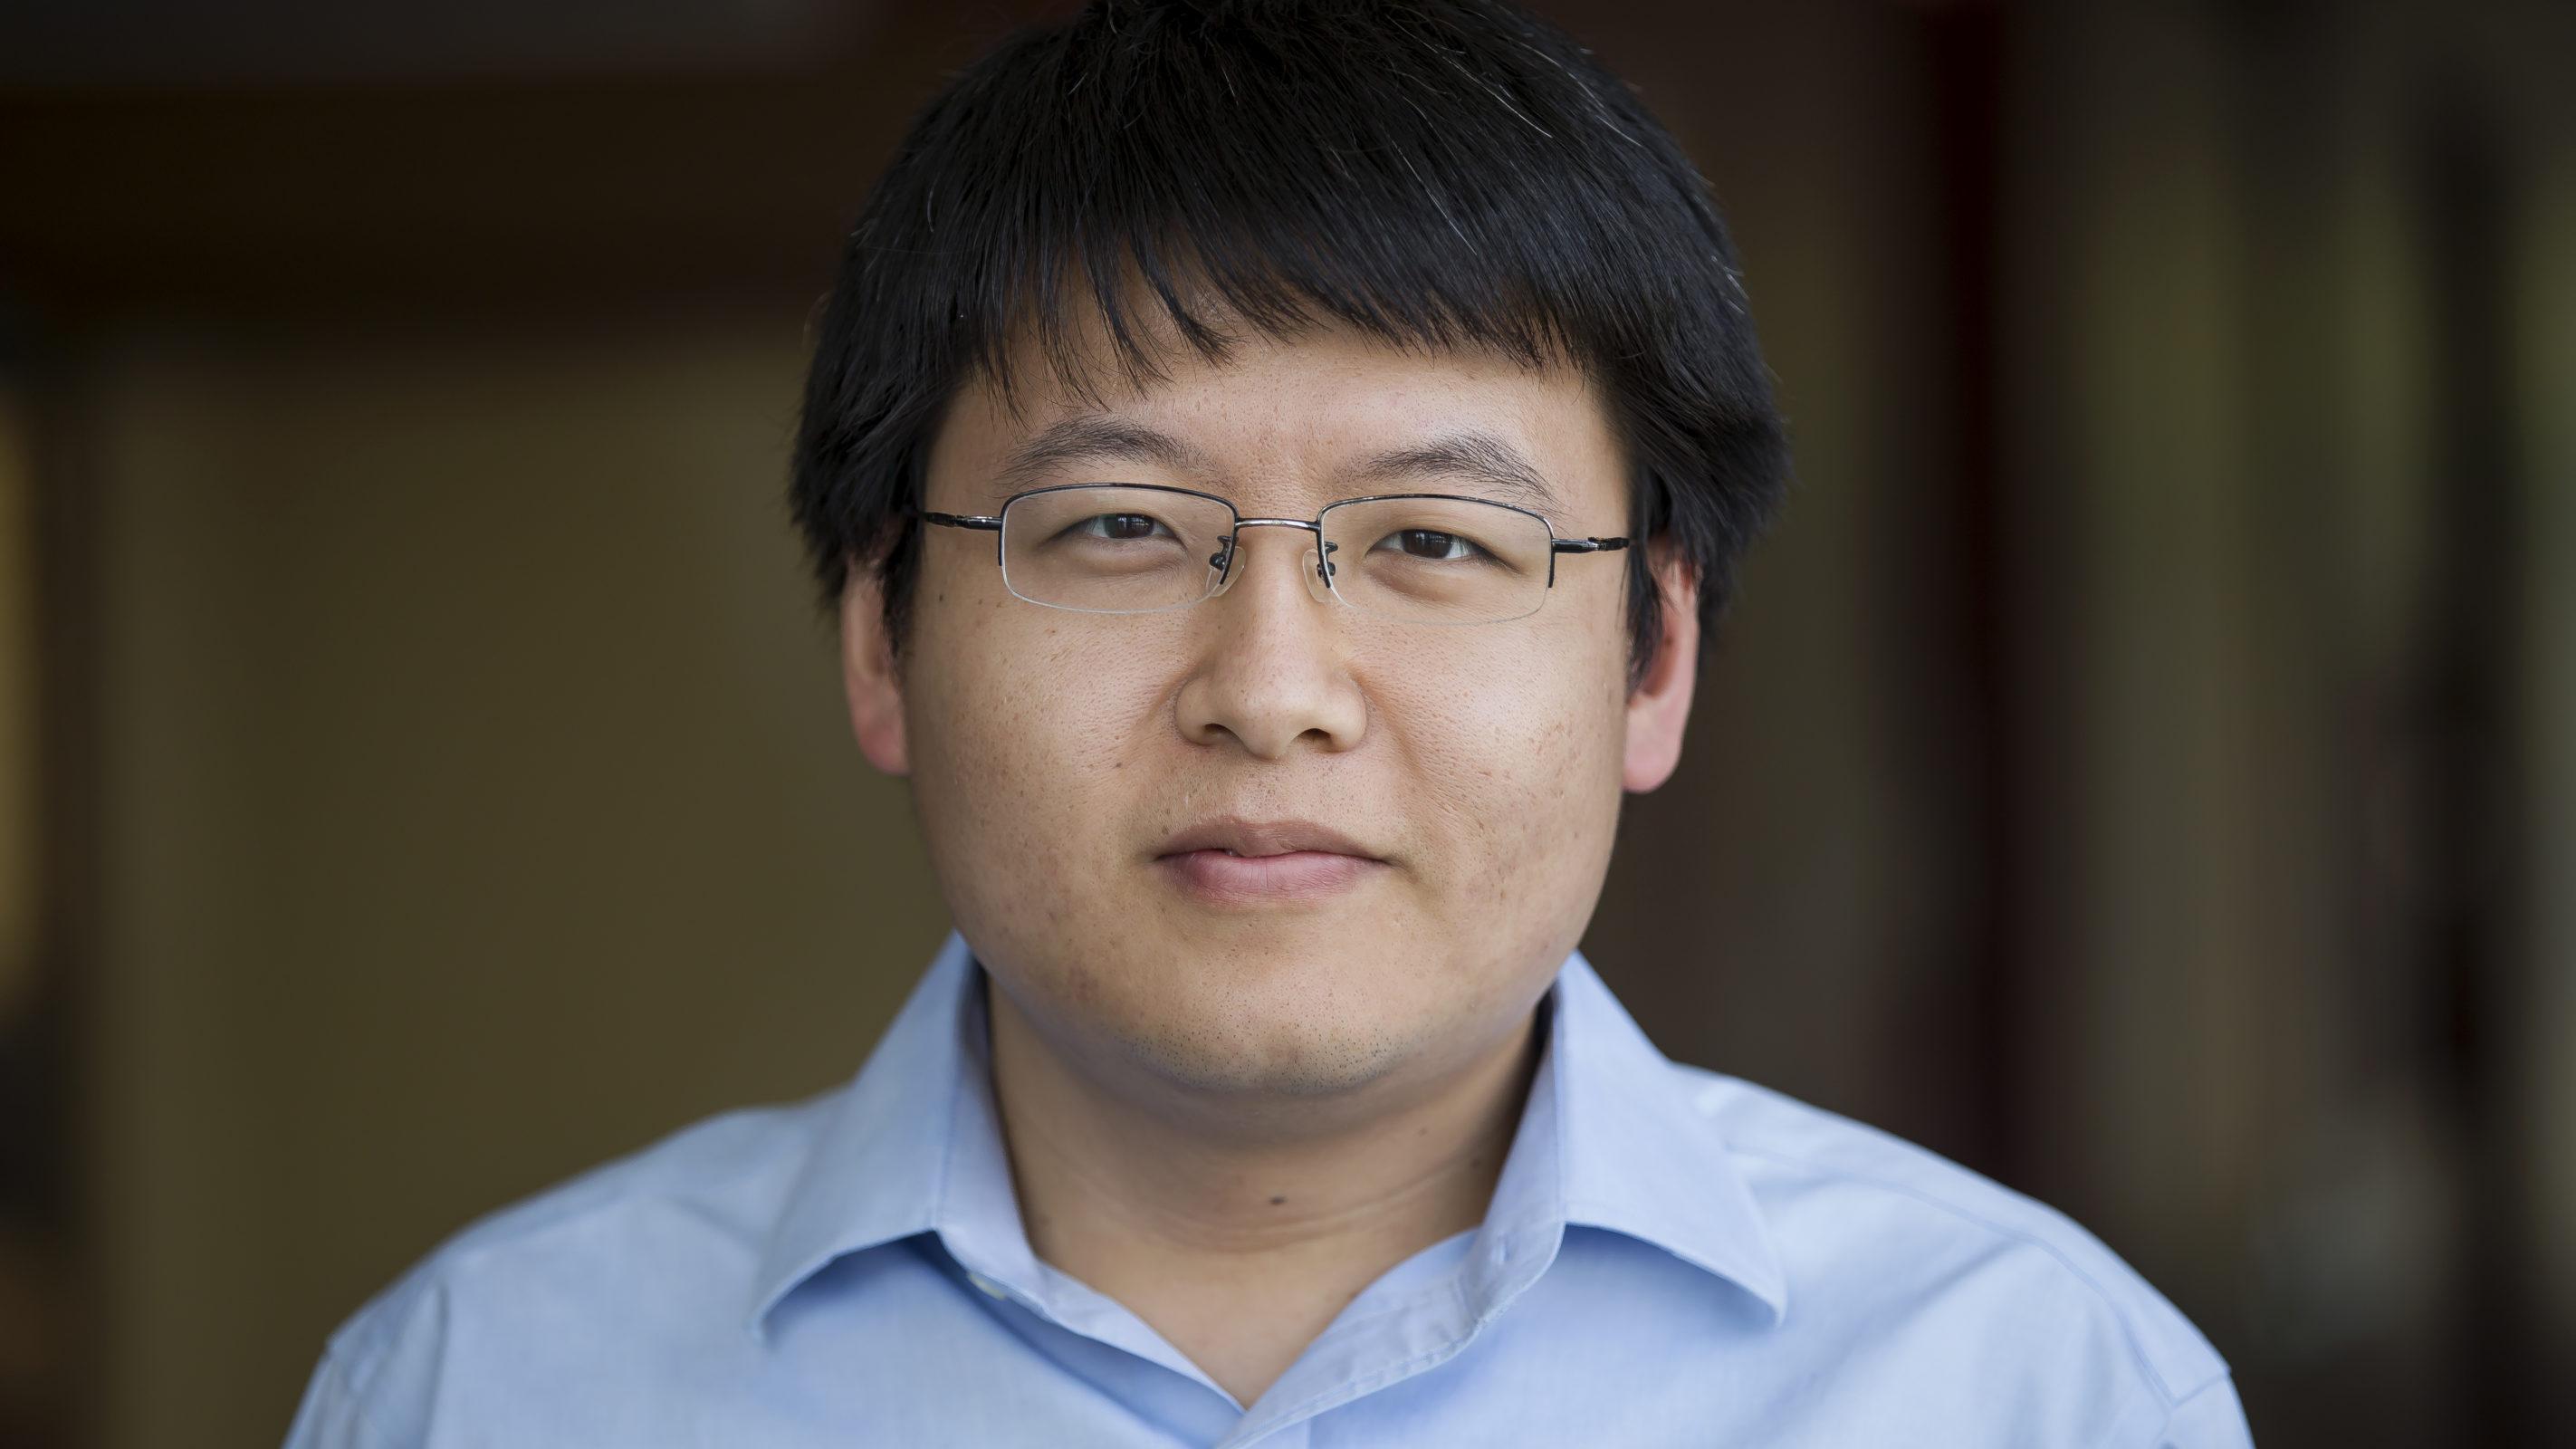 Photo of Ruiwei Jiang